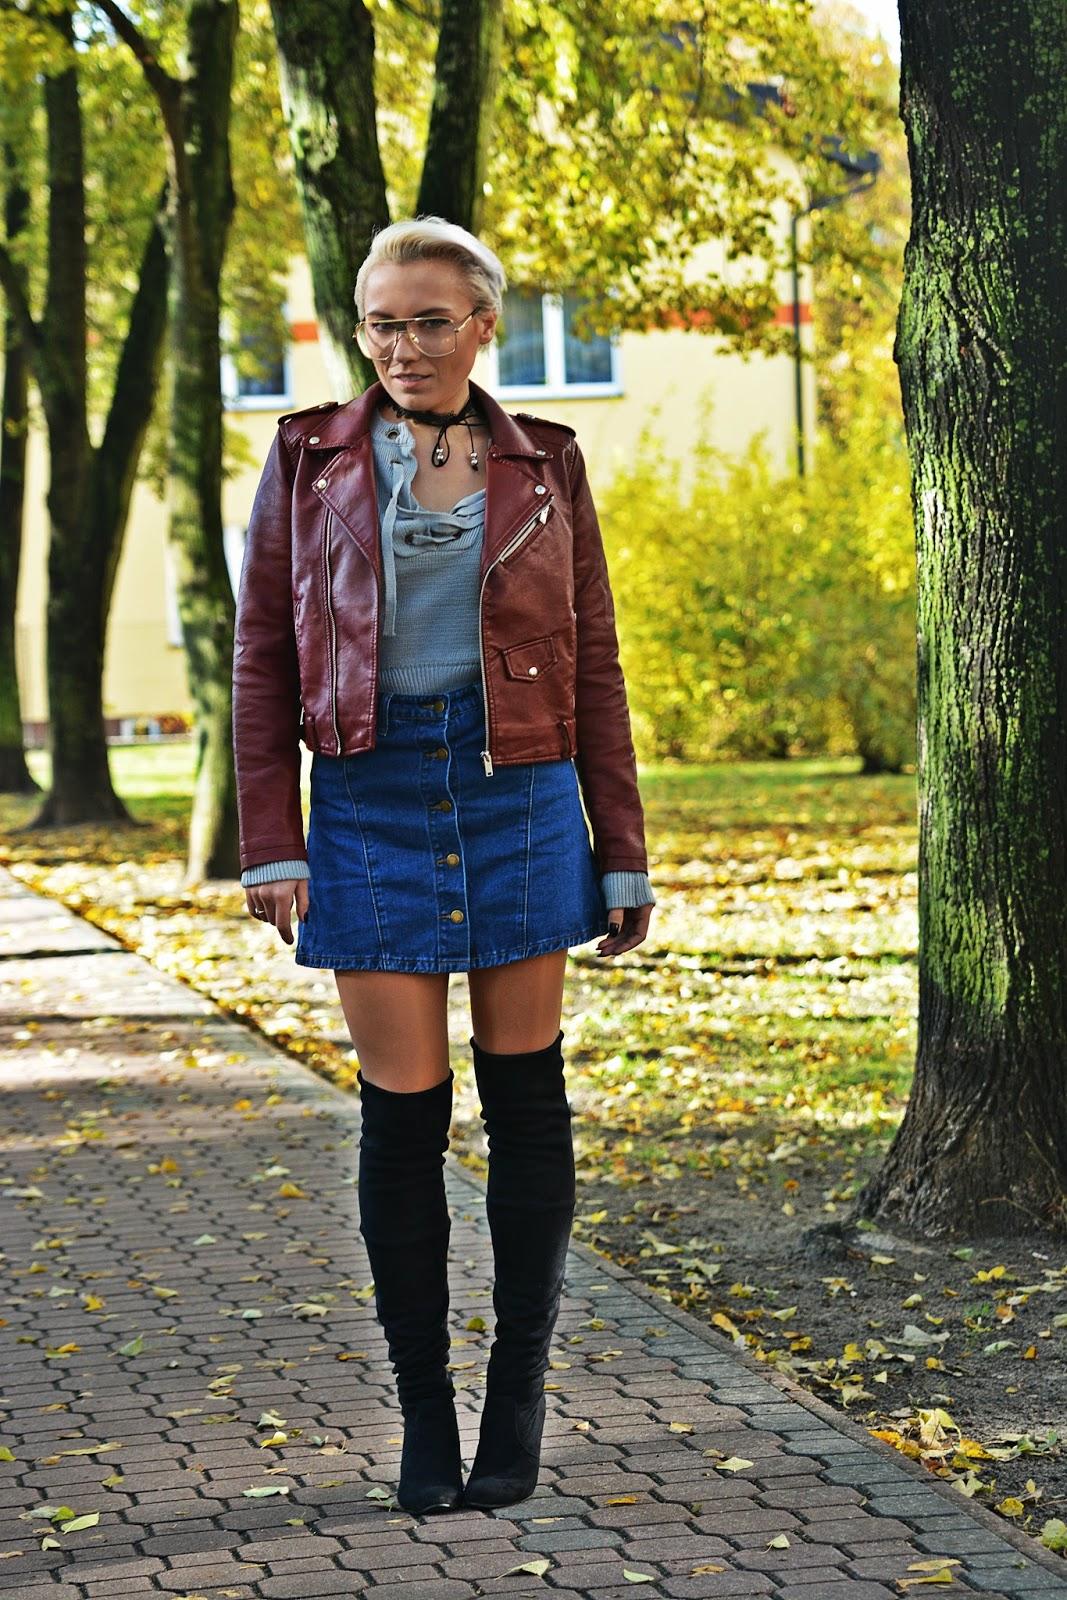 szary_plaszcz_spodnica_jeans_guziki_bordowa_ramoneska_karyner